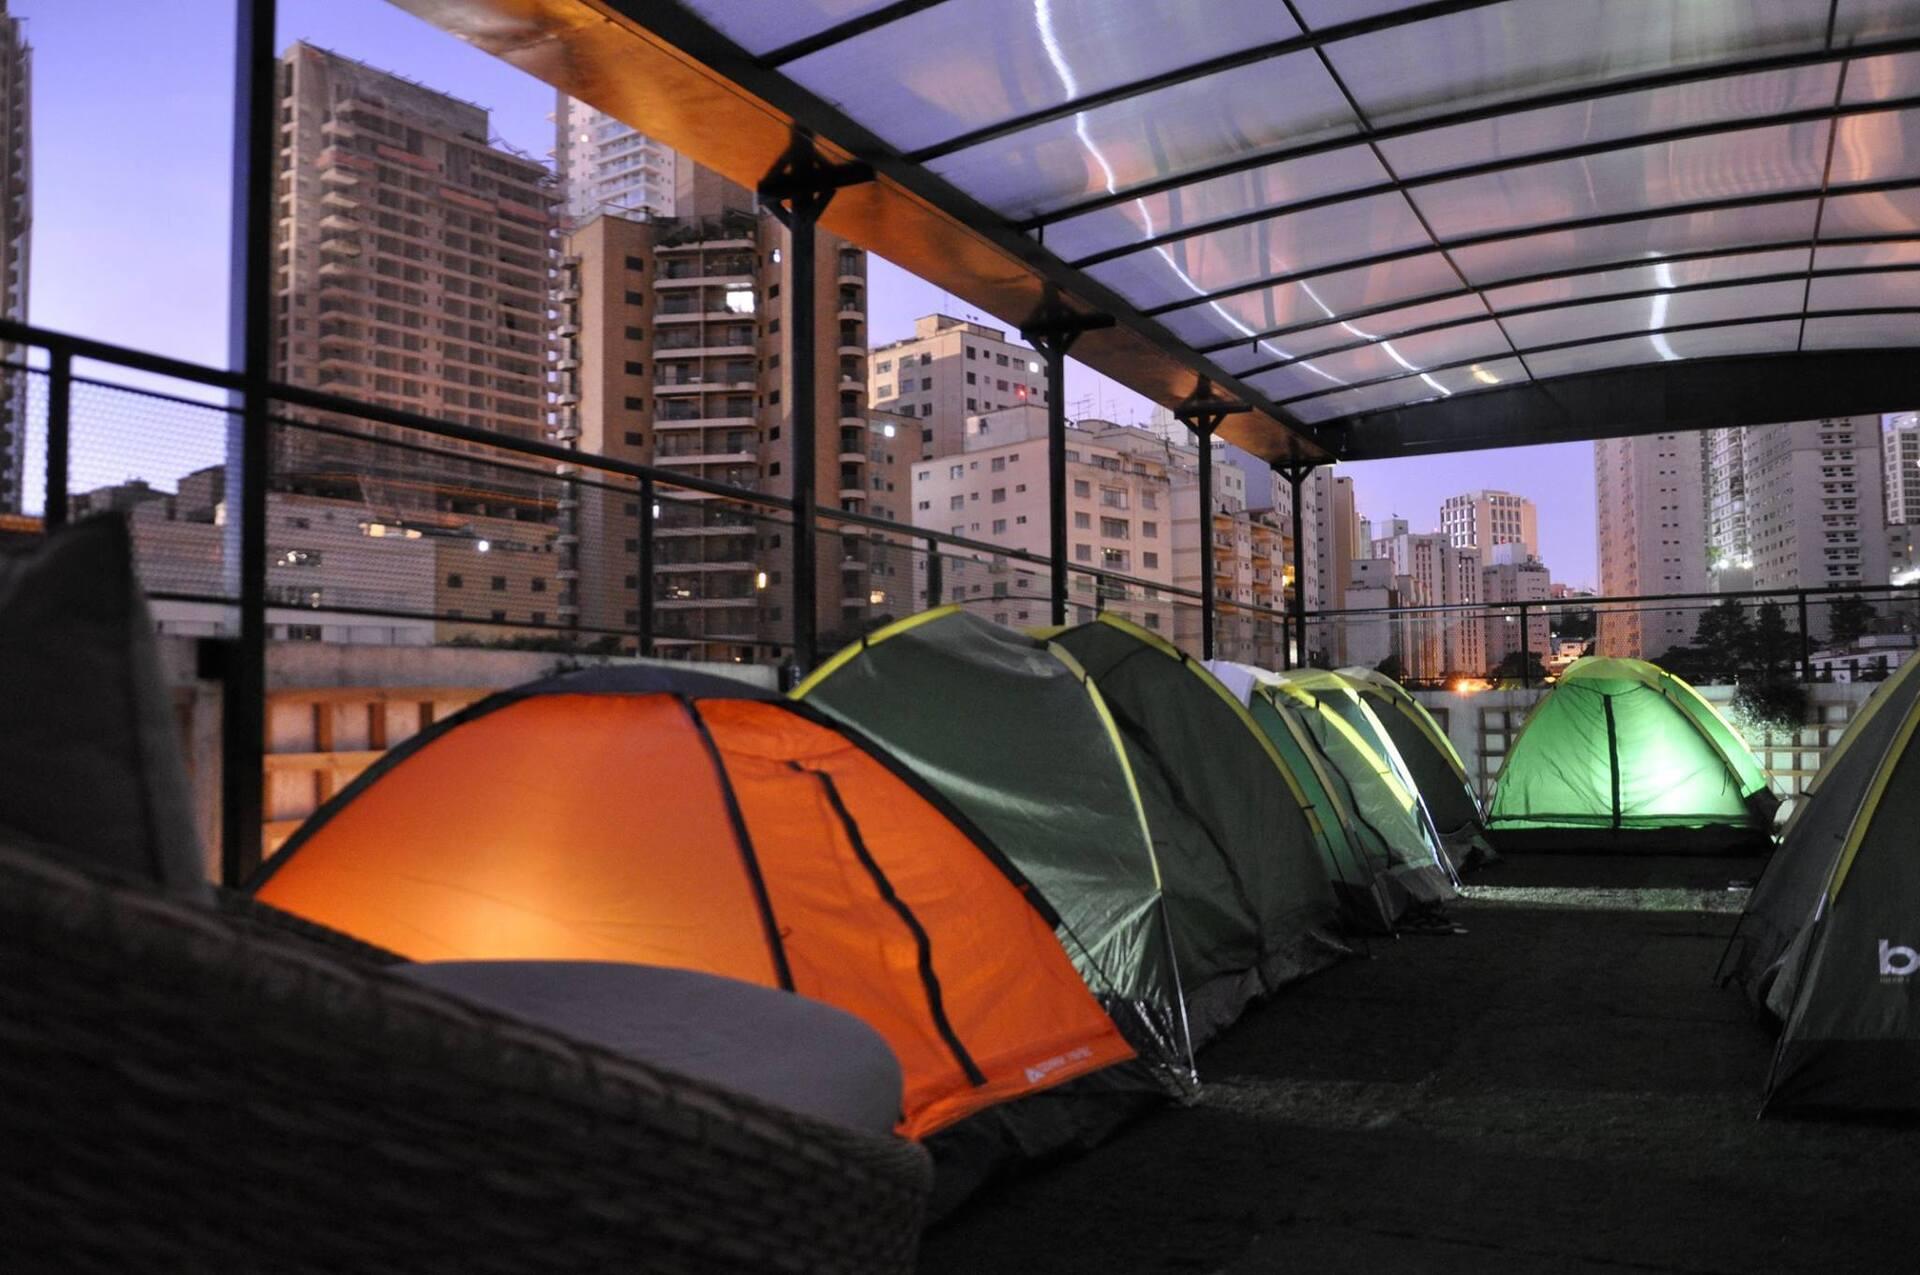 Camping urbano mescla experiências e atrai diferentes tipos de turistas